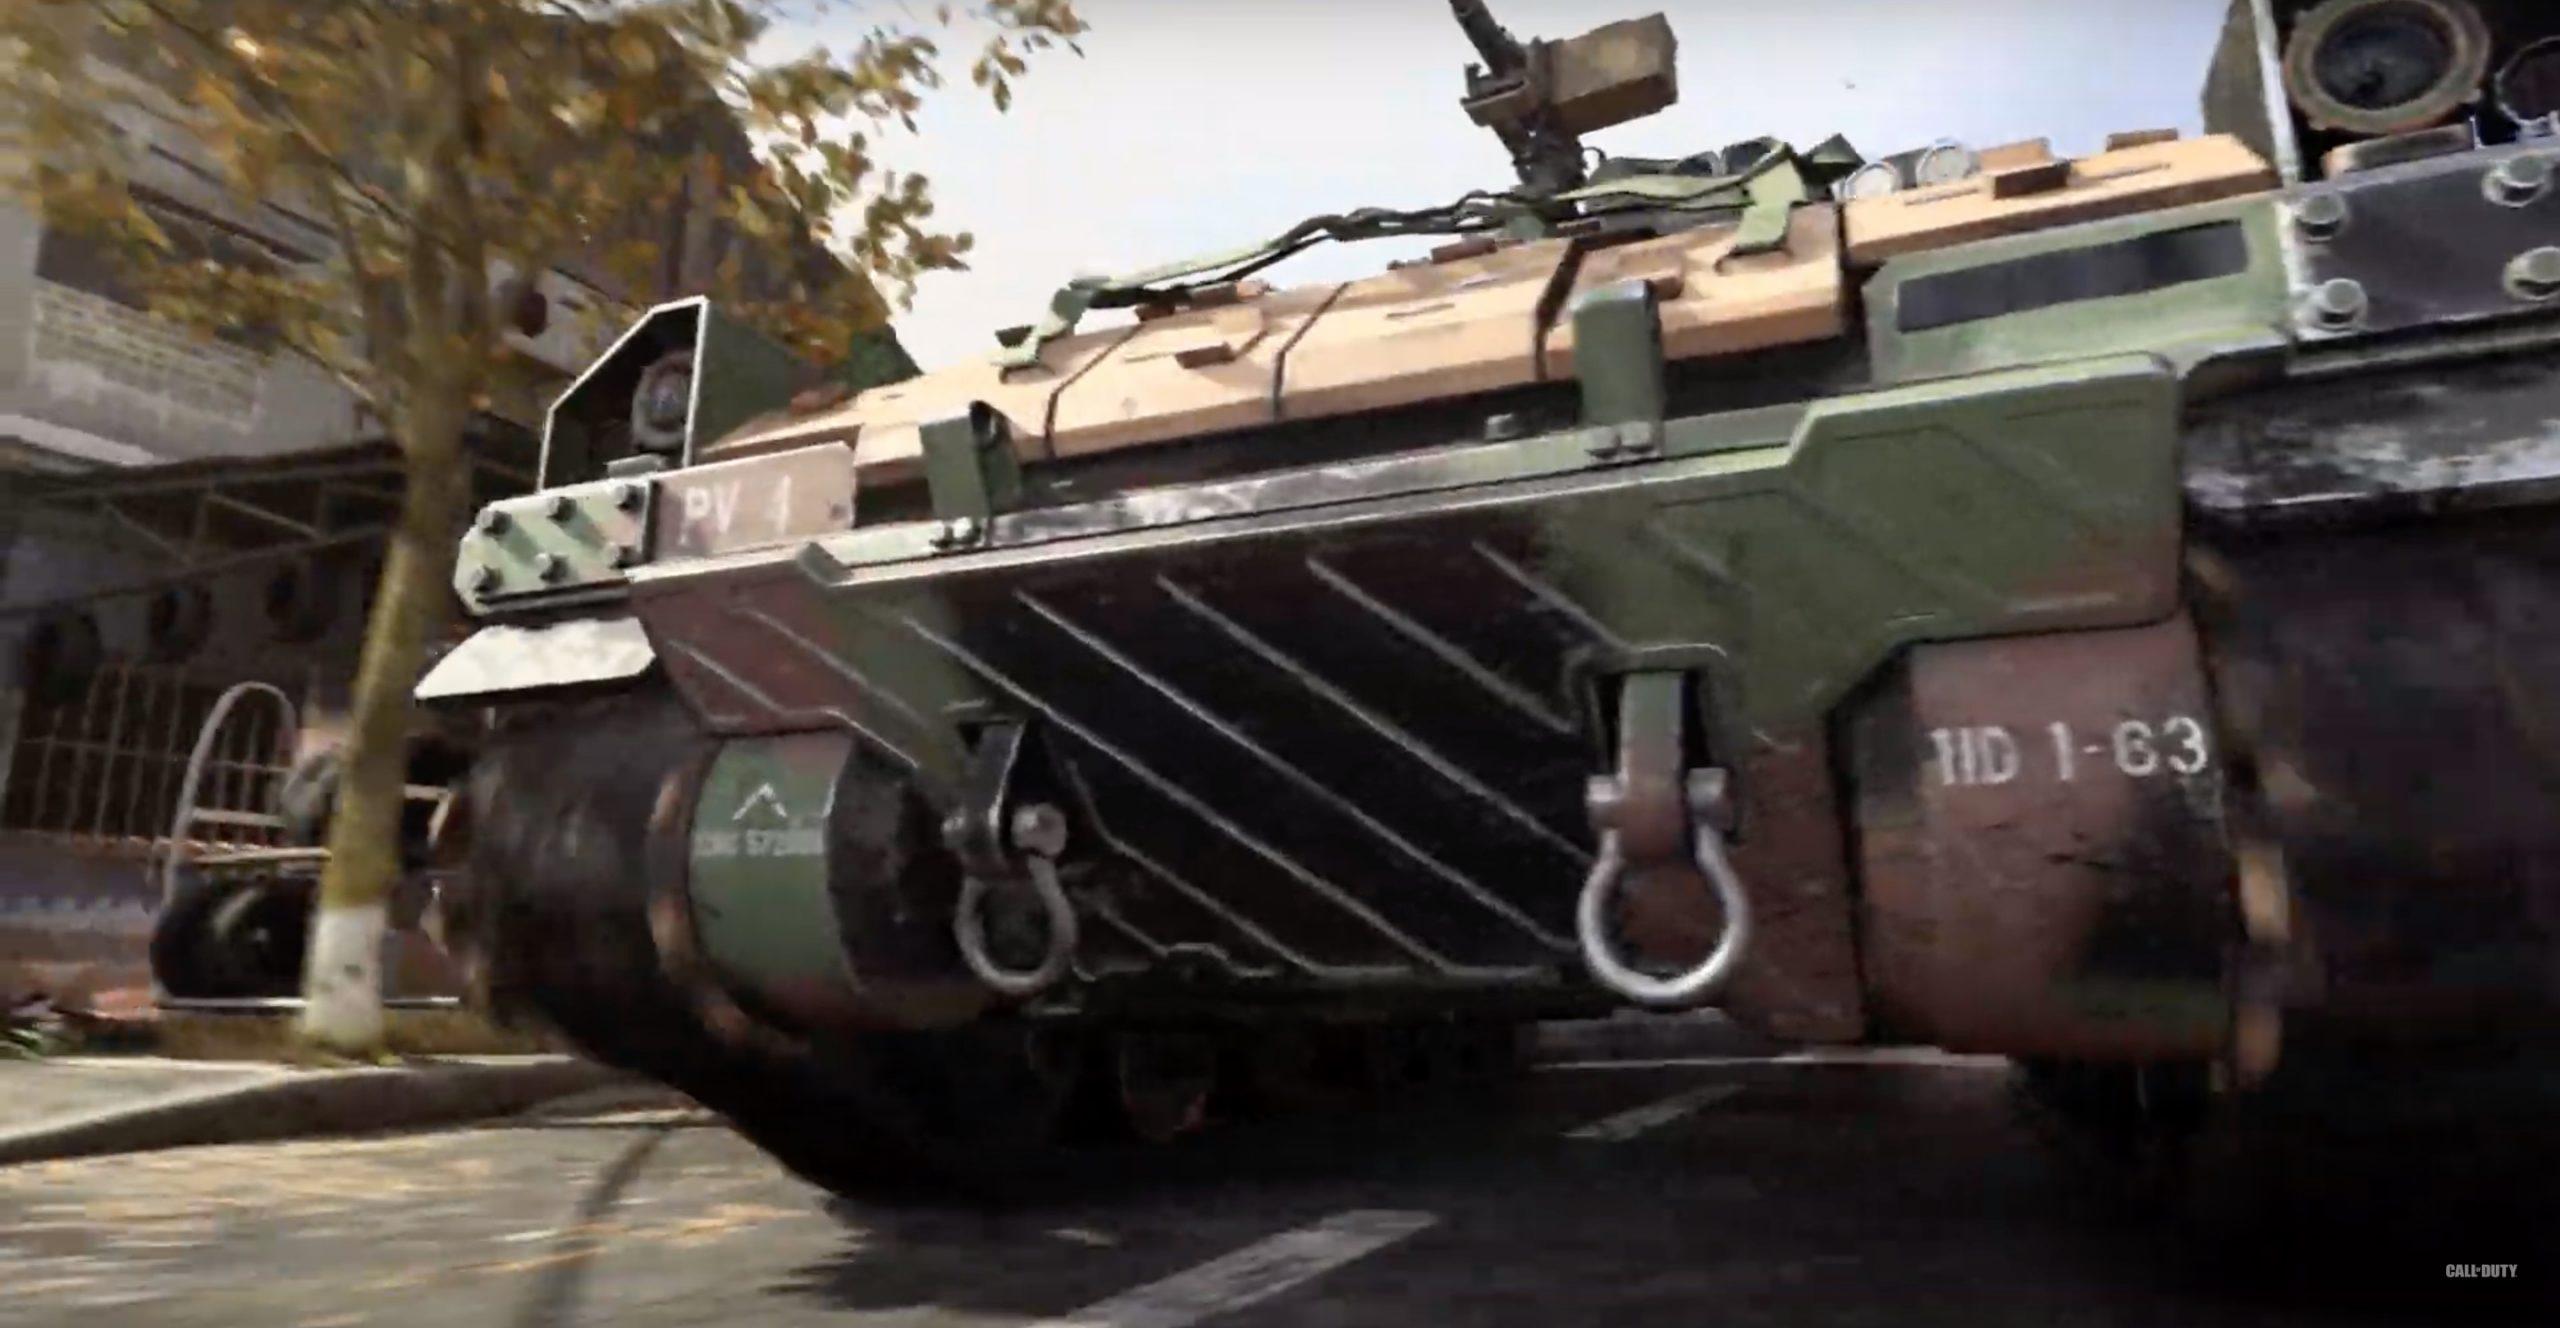 Call of Duty: Modern Warfare historia desitxuratzen du.  Errusiako amerikar gerra krimena egozten die